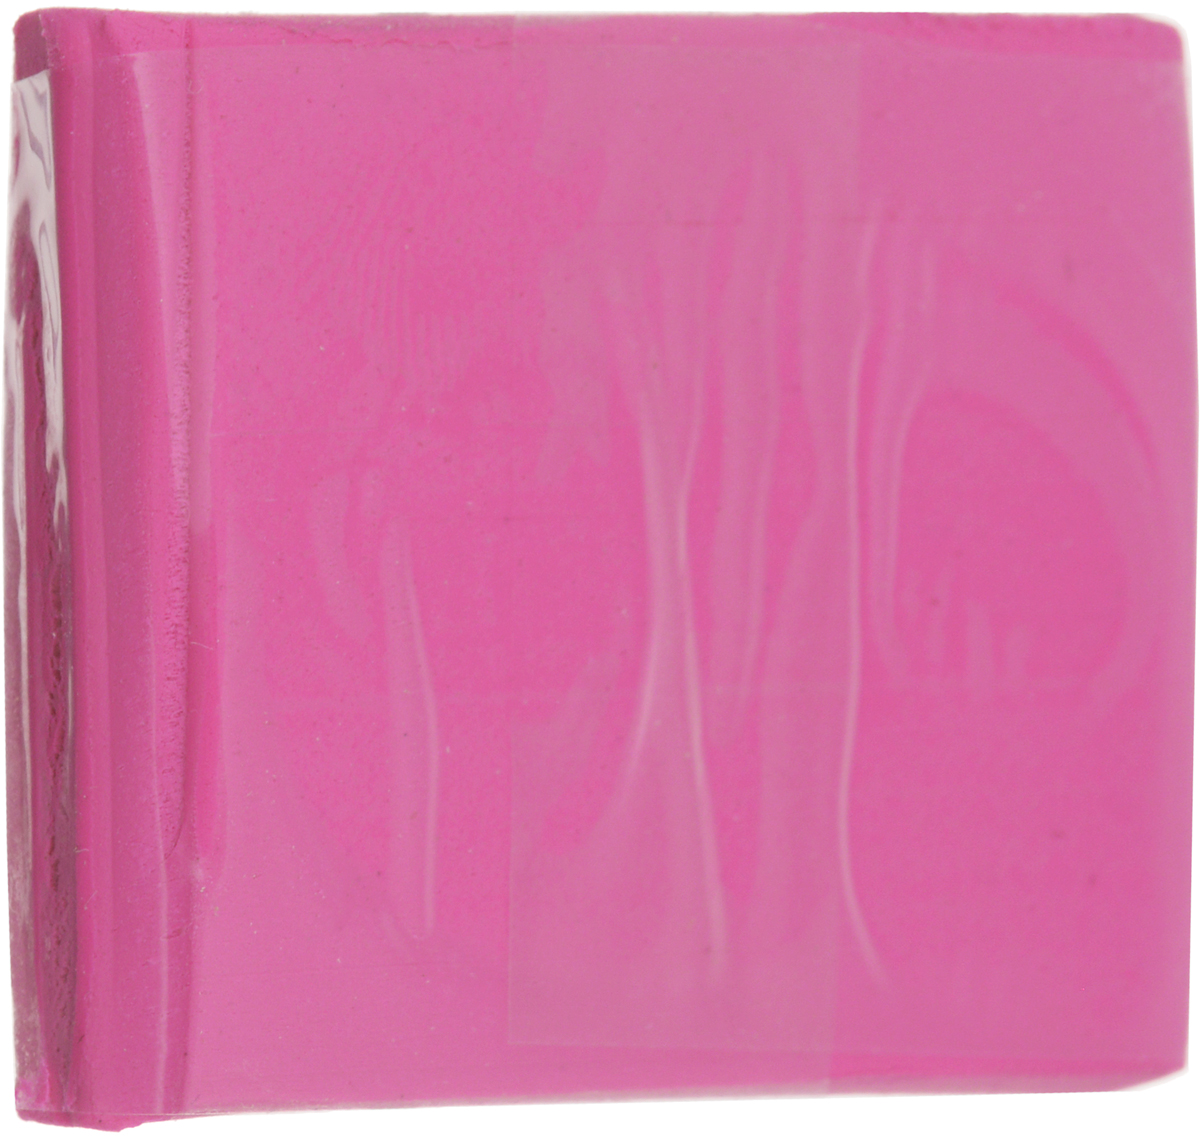 Brunnen Ластик-пластилин цвет розовый - Чертежные принадлежности